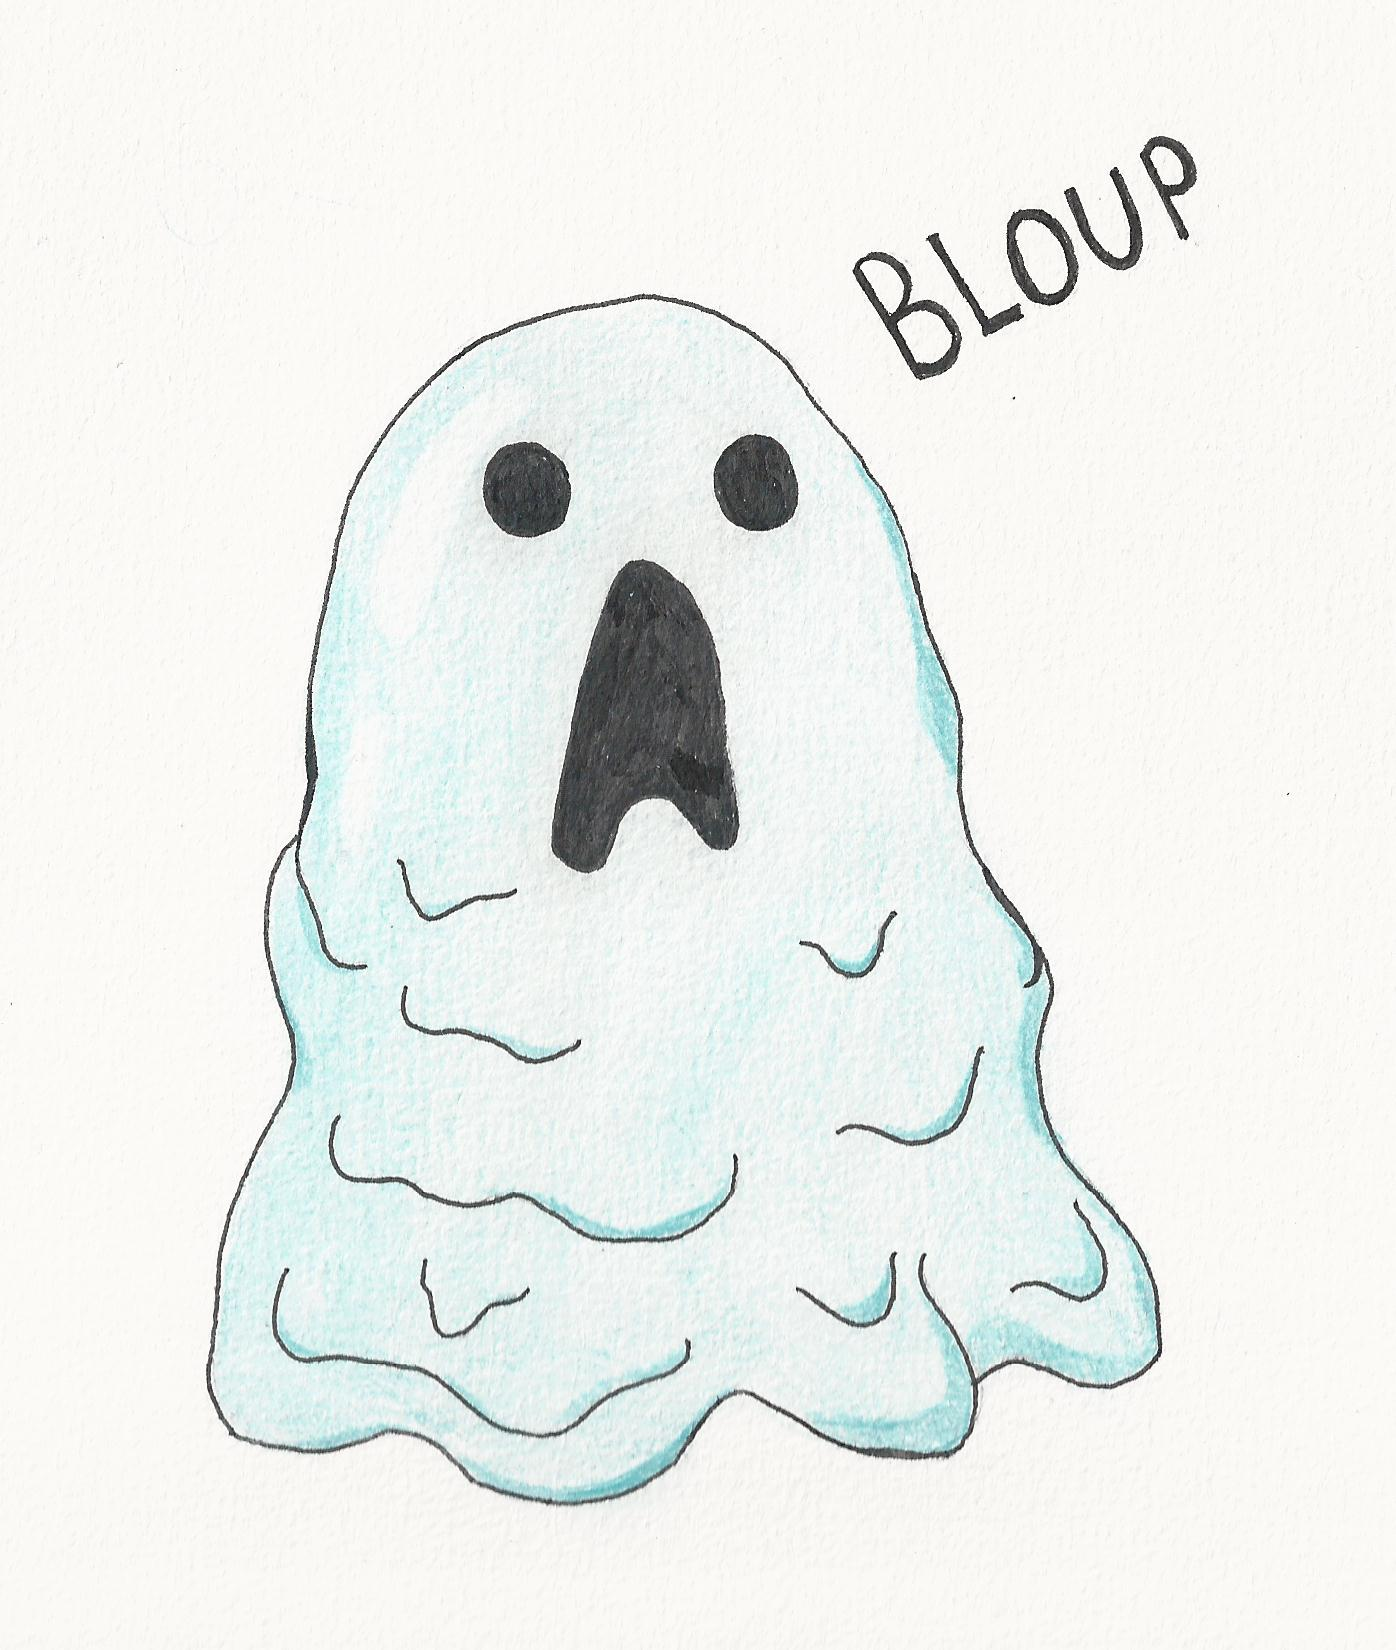 Bloup espace membre > création : -bloup °a°-